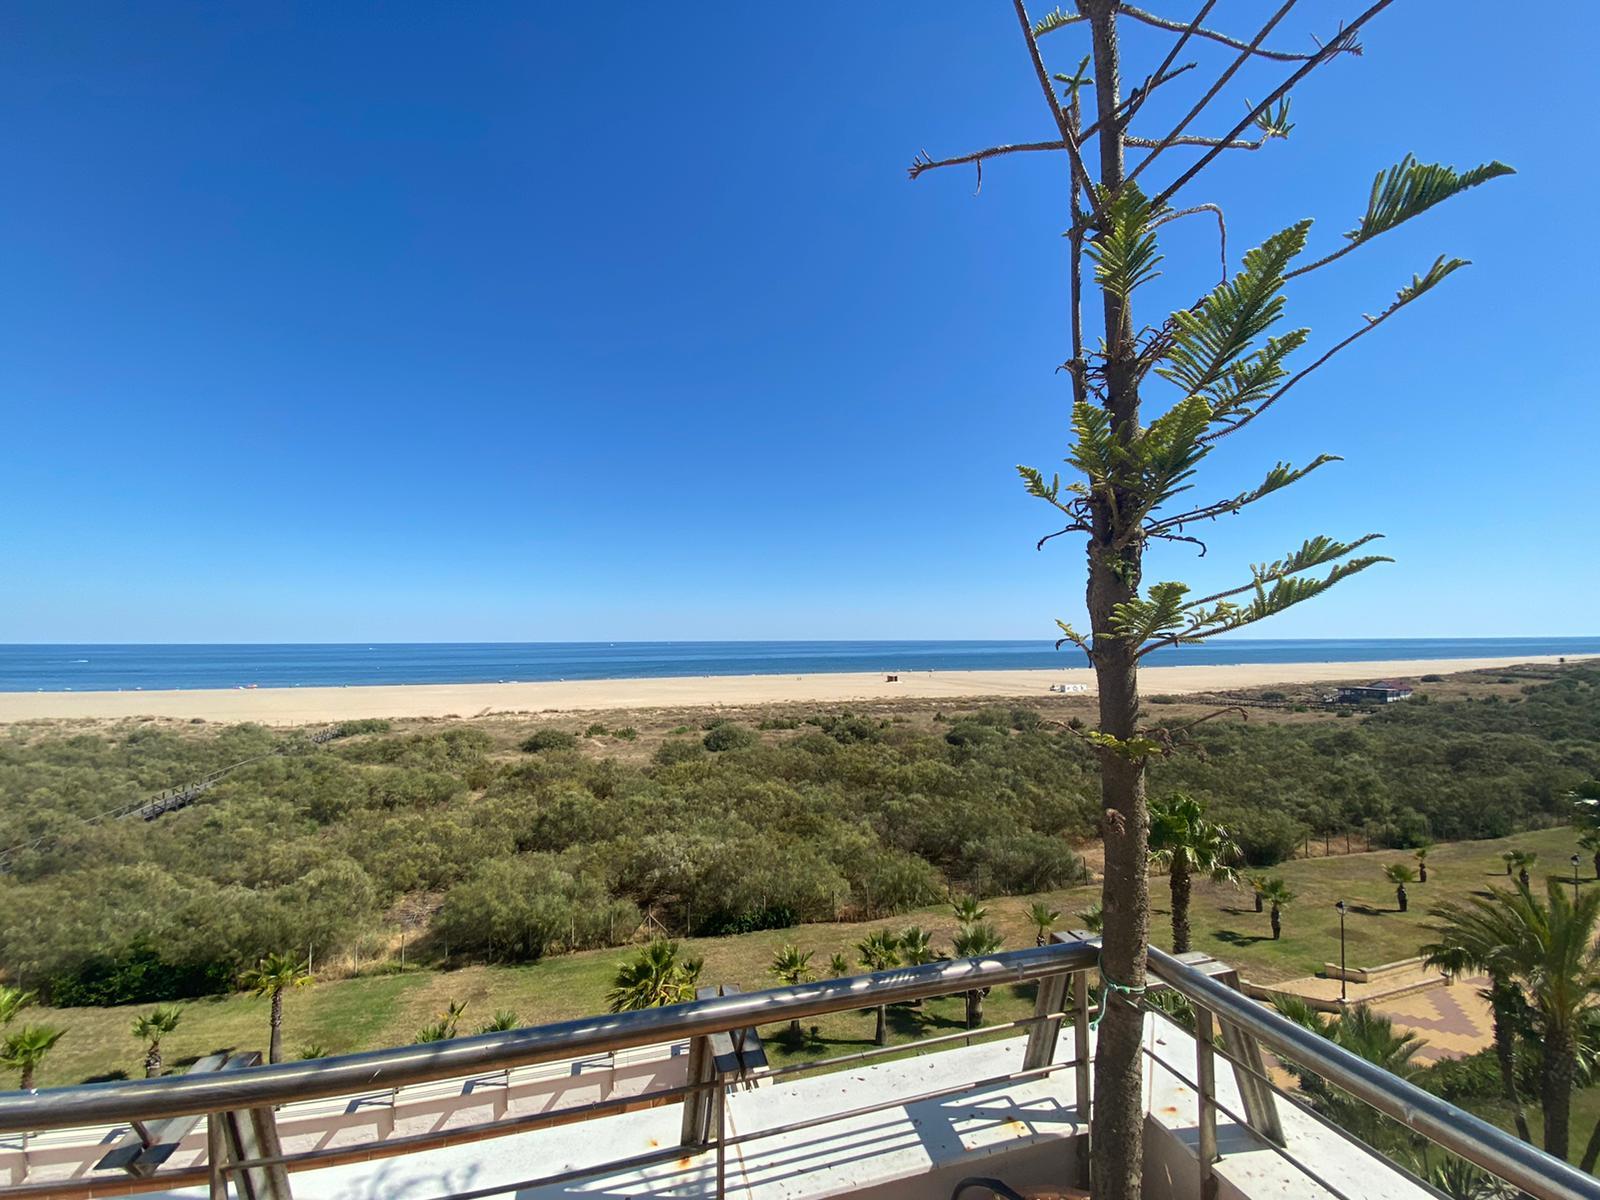 Imagen 53 del Apartamento Turístico, Ático 3 Levante, Frontal (4d+2b), Punta del Moral (HUELVA), Paseo de la Cruz nº22